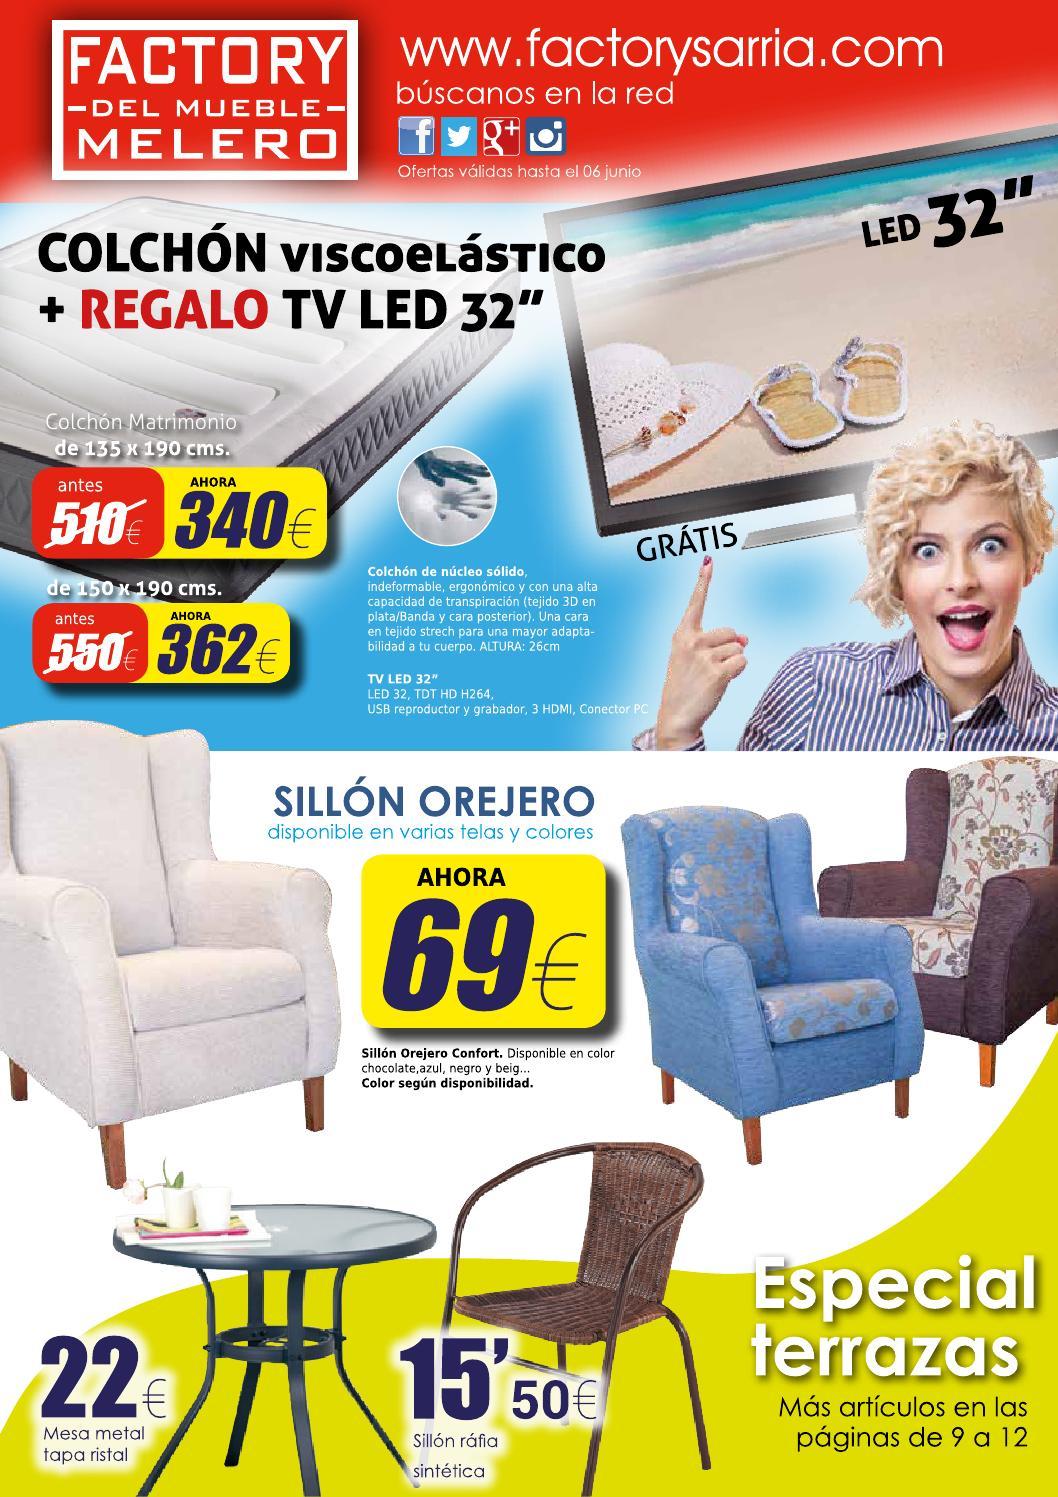 ofertas factory del mueble melero abril 2015 by factory